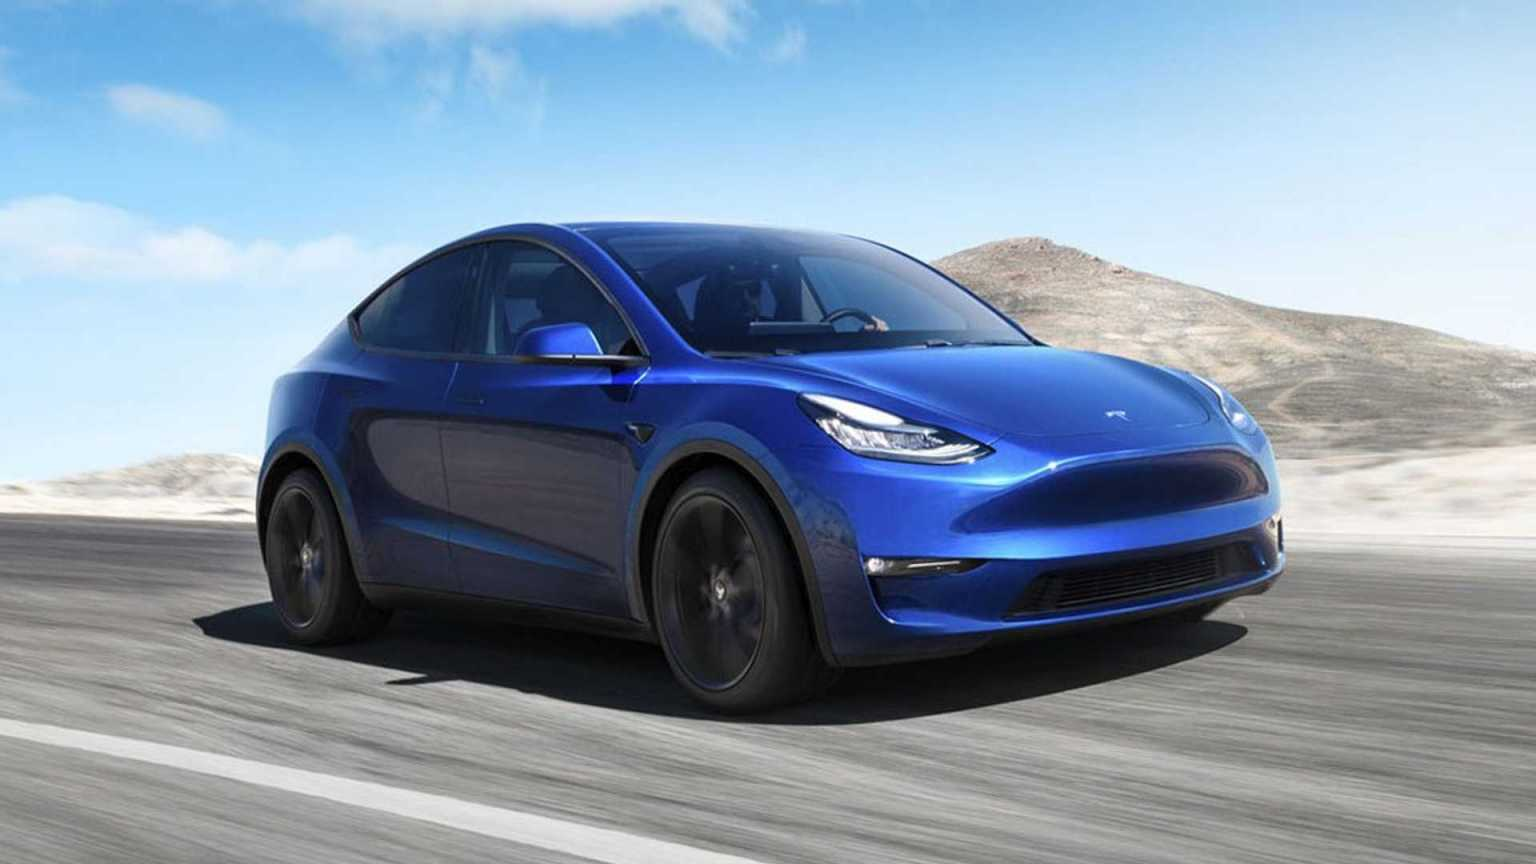 Tesla Model Y: Ξεκινά να διατίθεται στην Ελλάδα, από €60.990